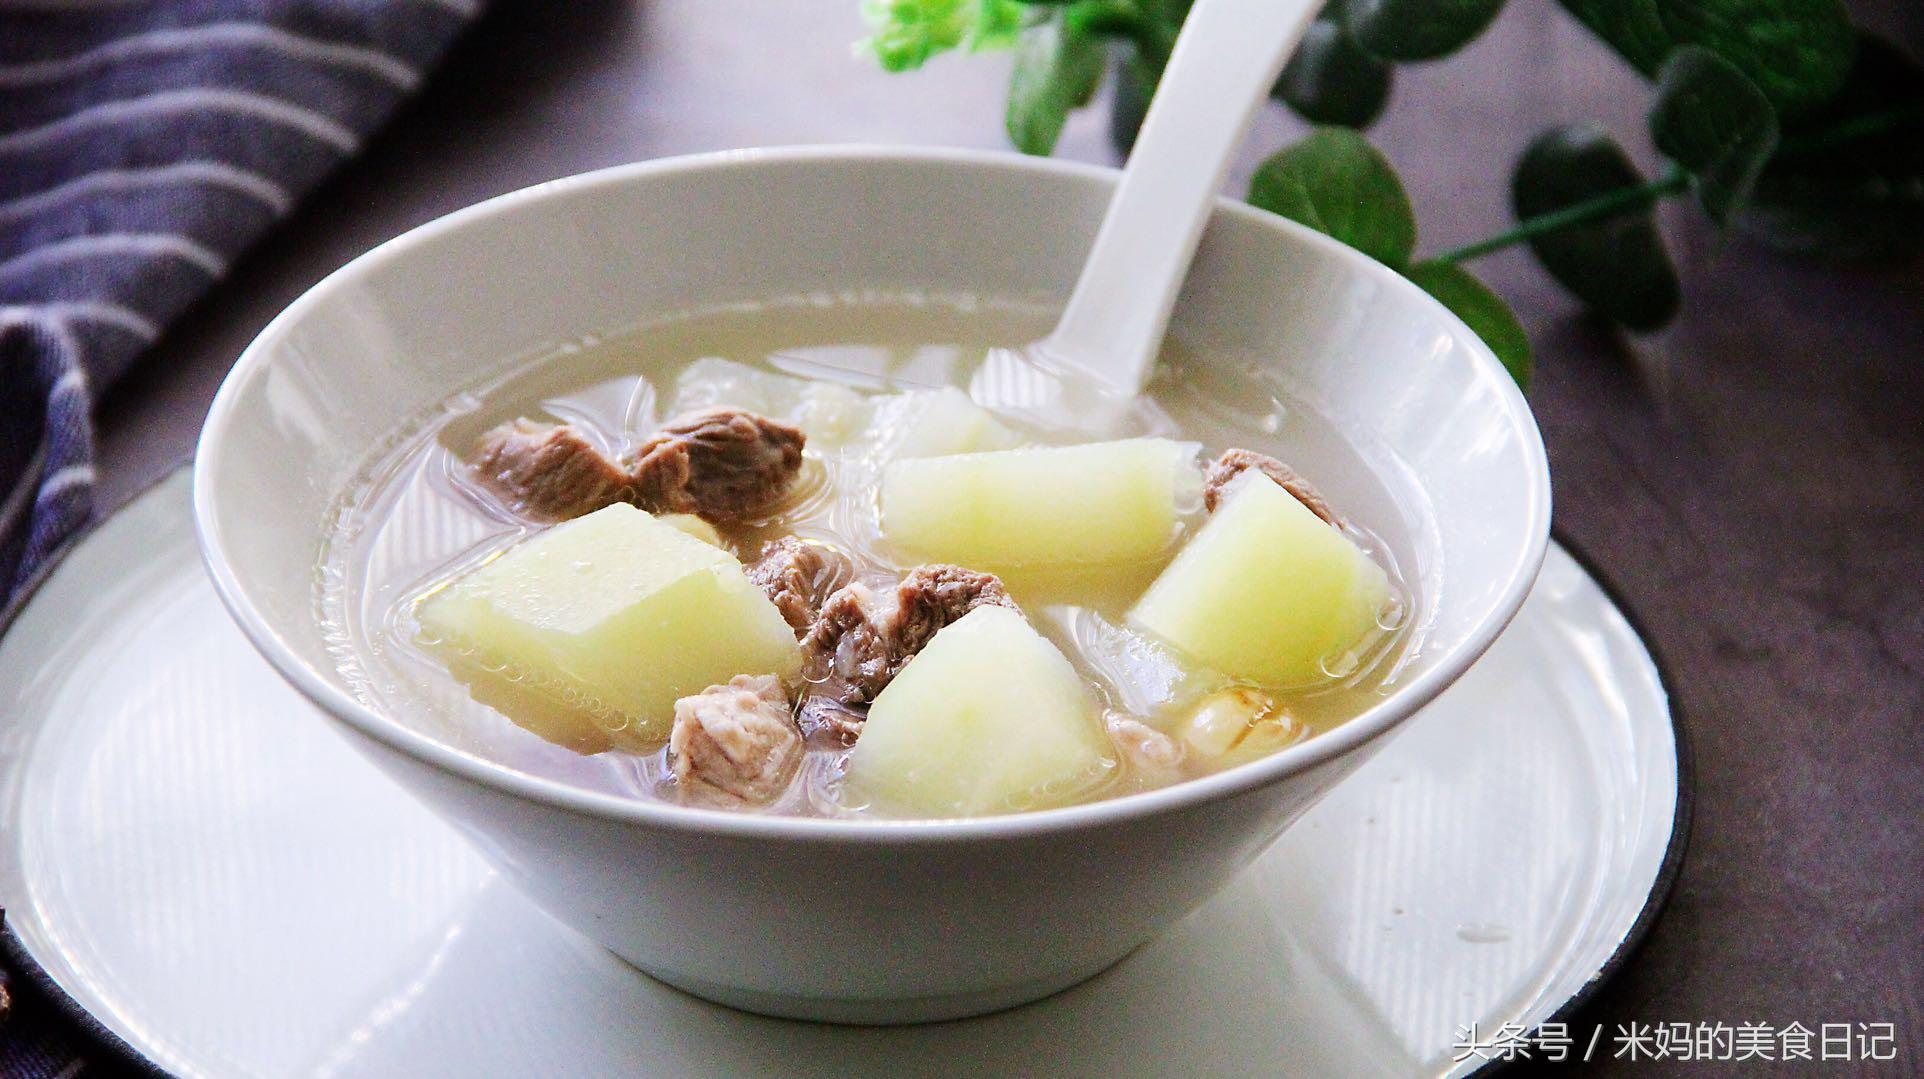 茨实木瓜莲子瘦肉汤做法步骤图 孩子补钙长得快老人延年益寿